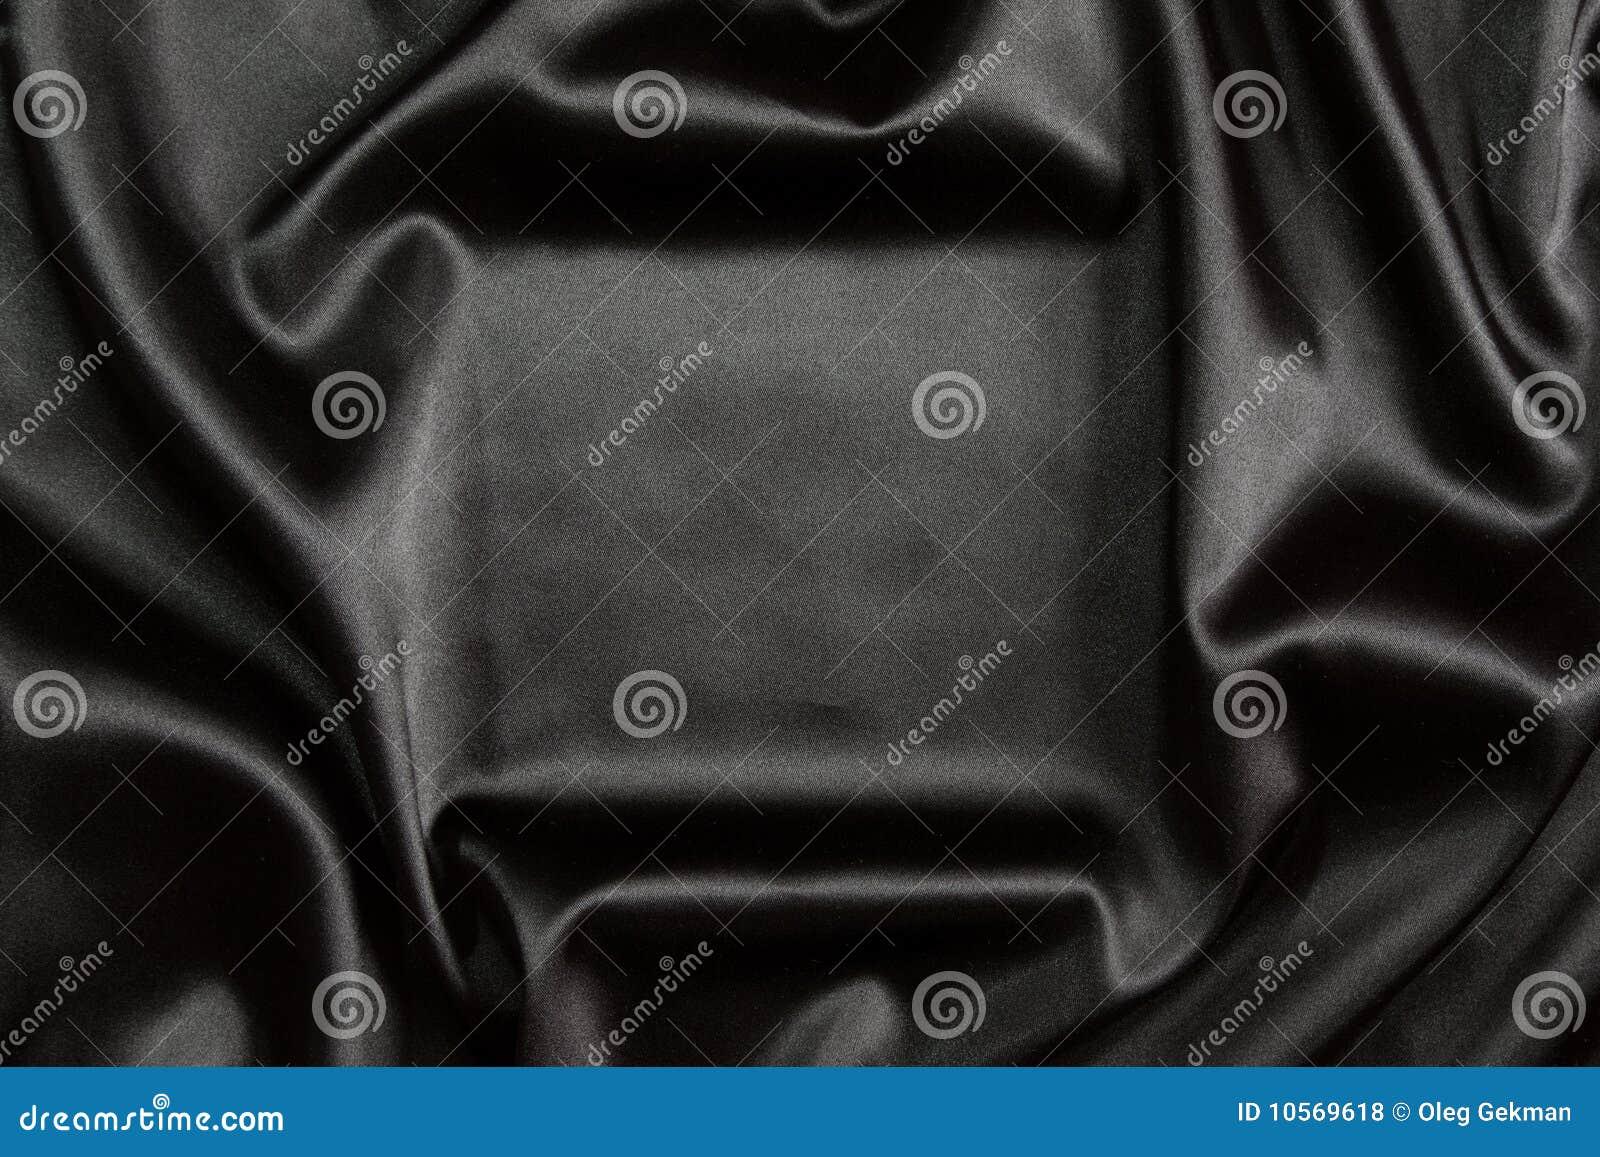 Zwarte zijde textielachtergrond